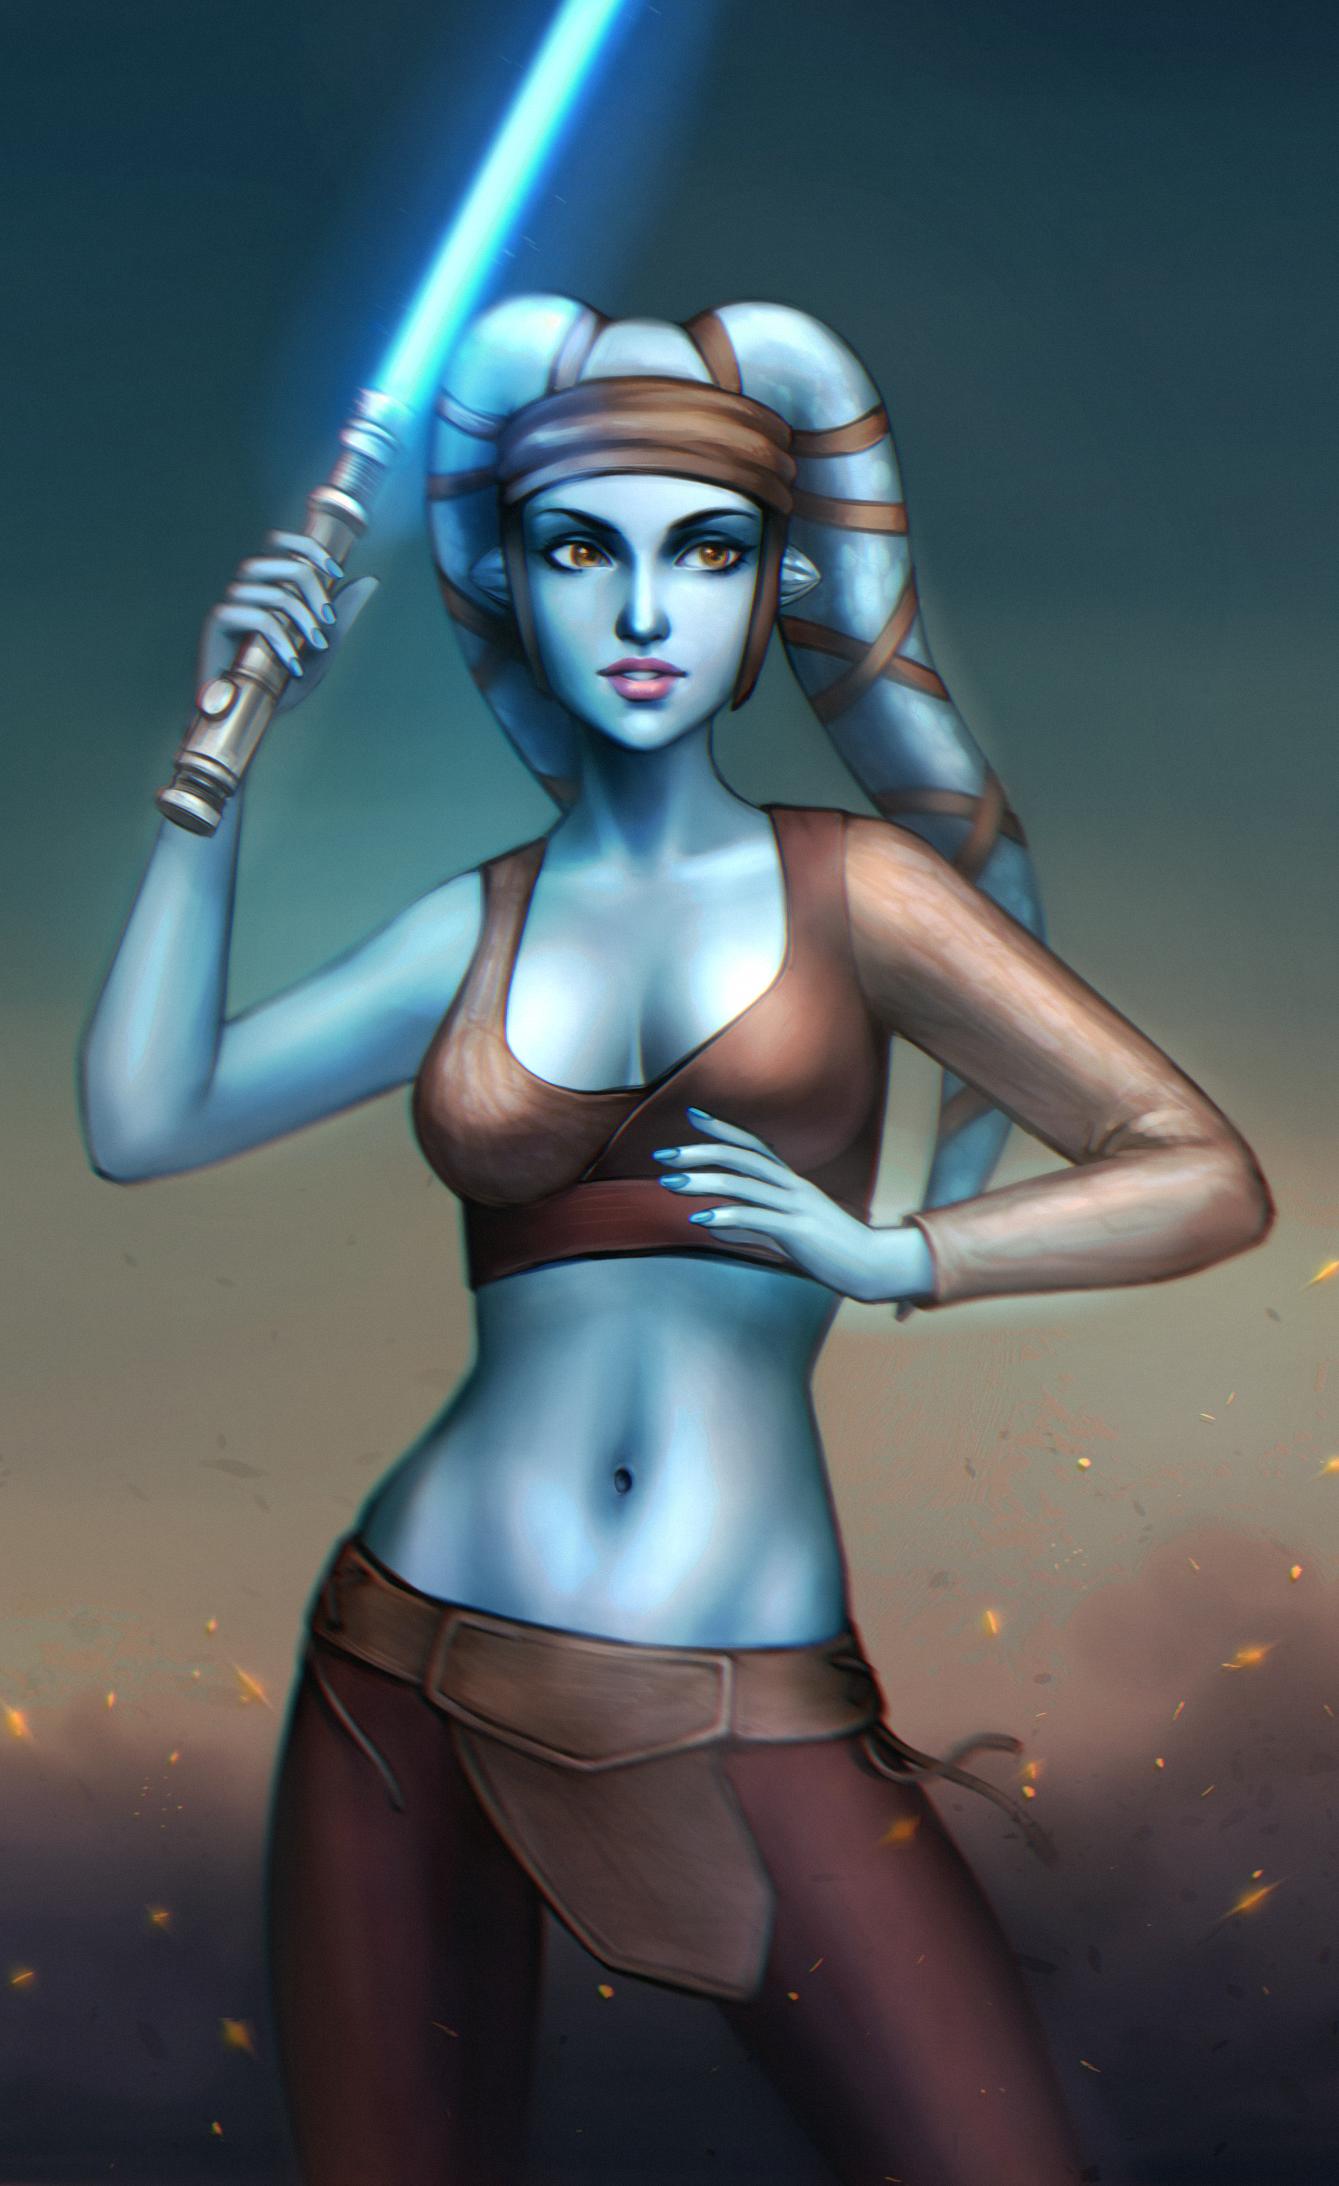 Star wars aayla secura sexy